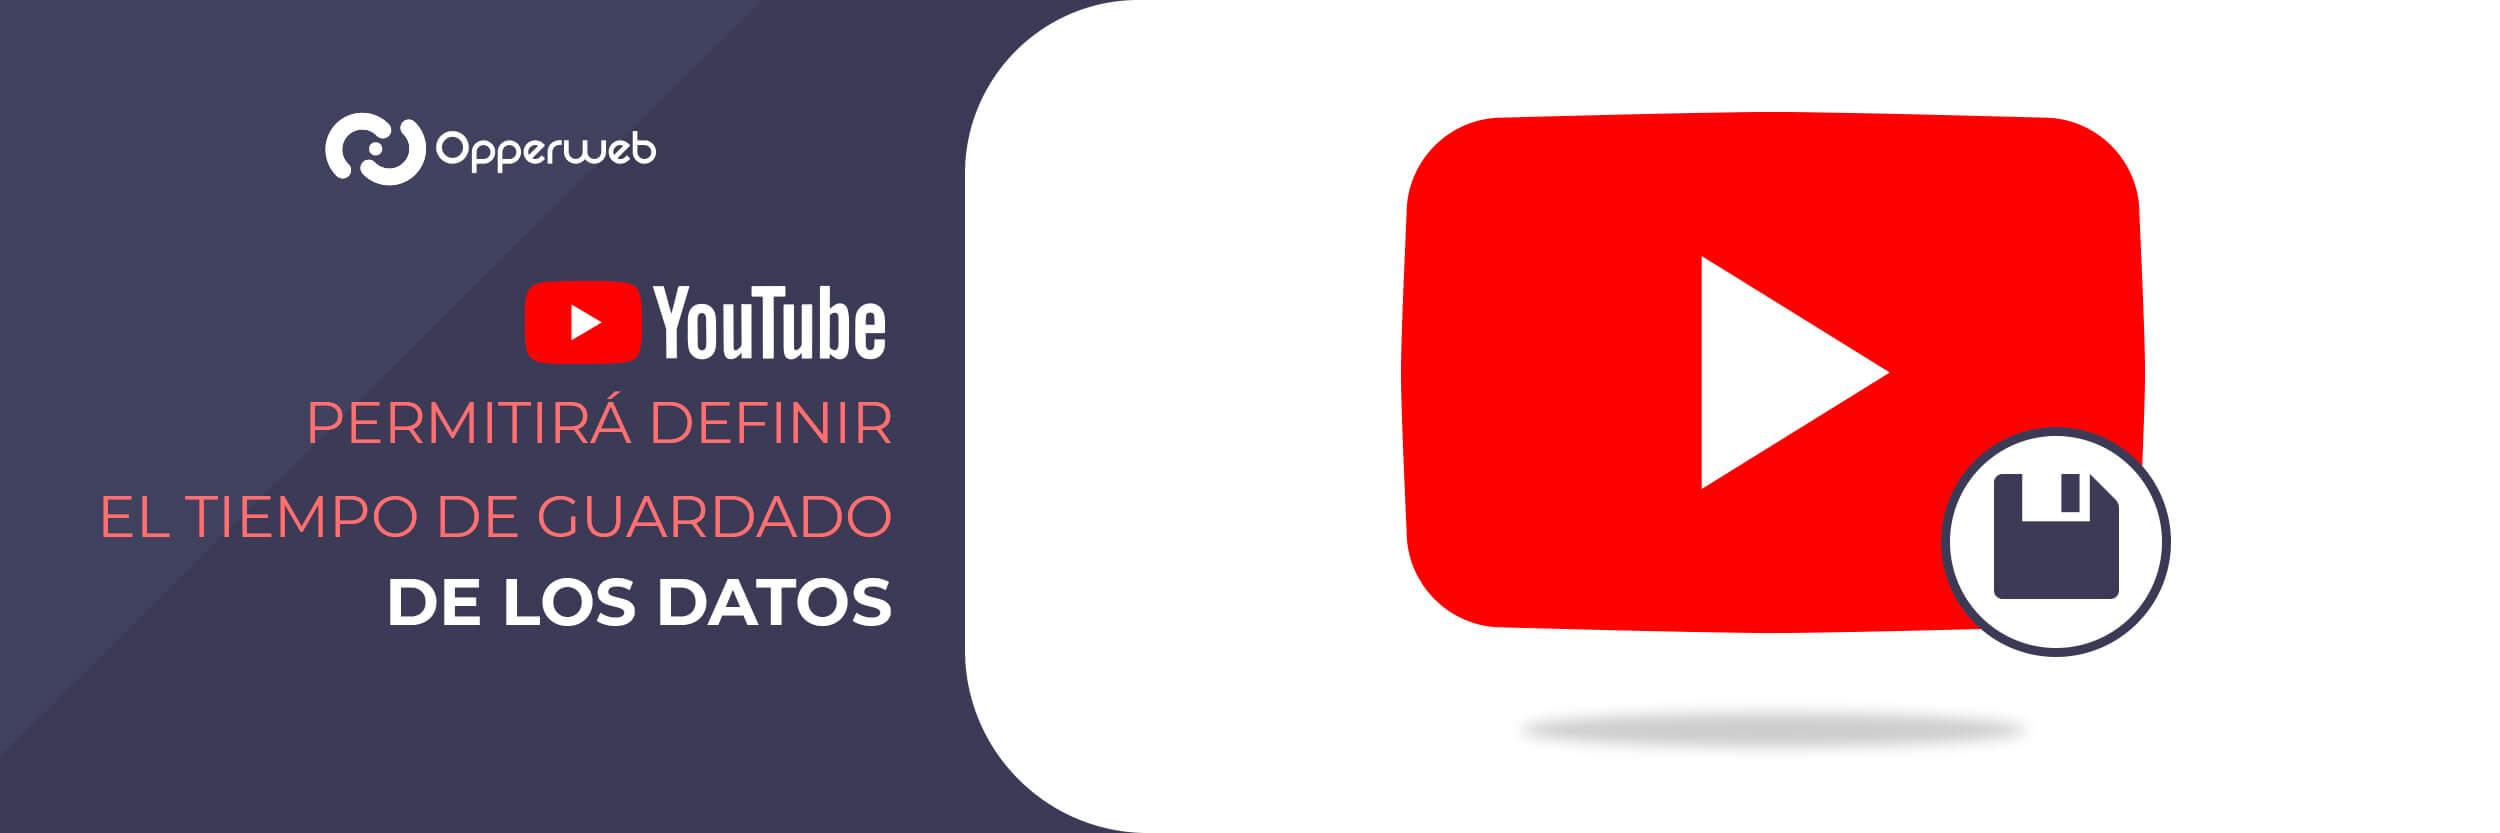 YouTube permitirá definir el tiempo de guardado de los datos